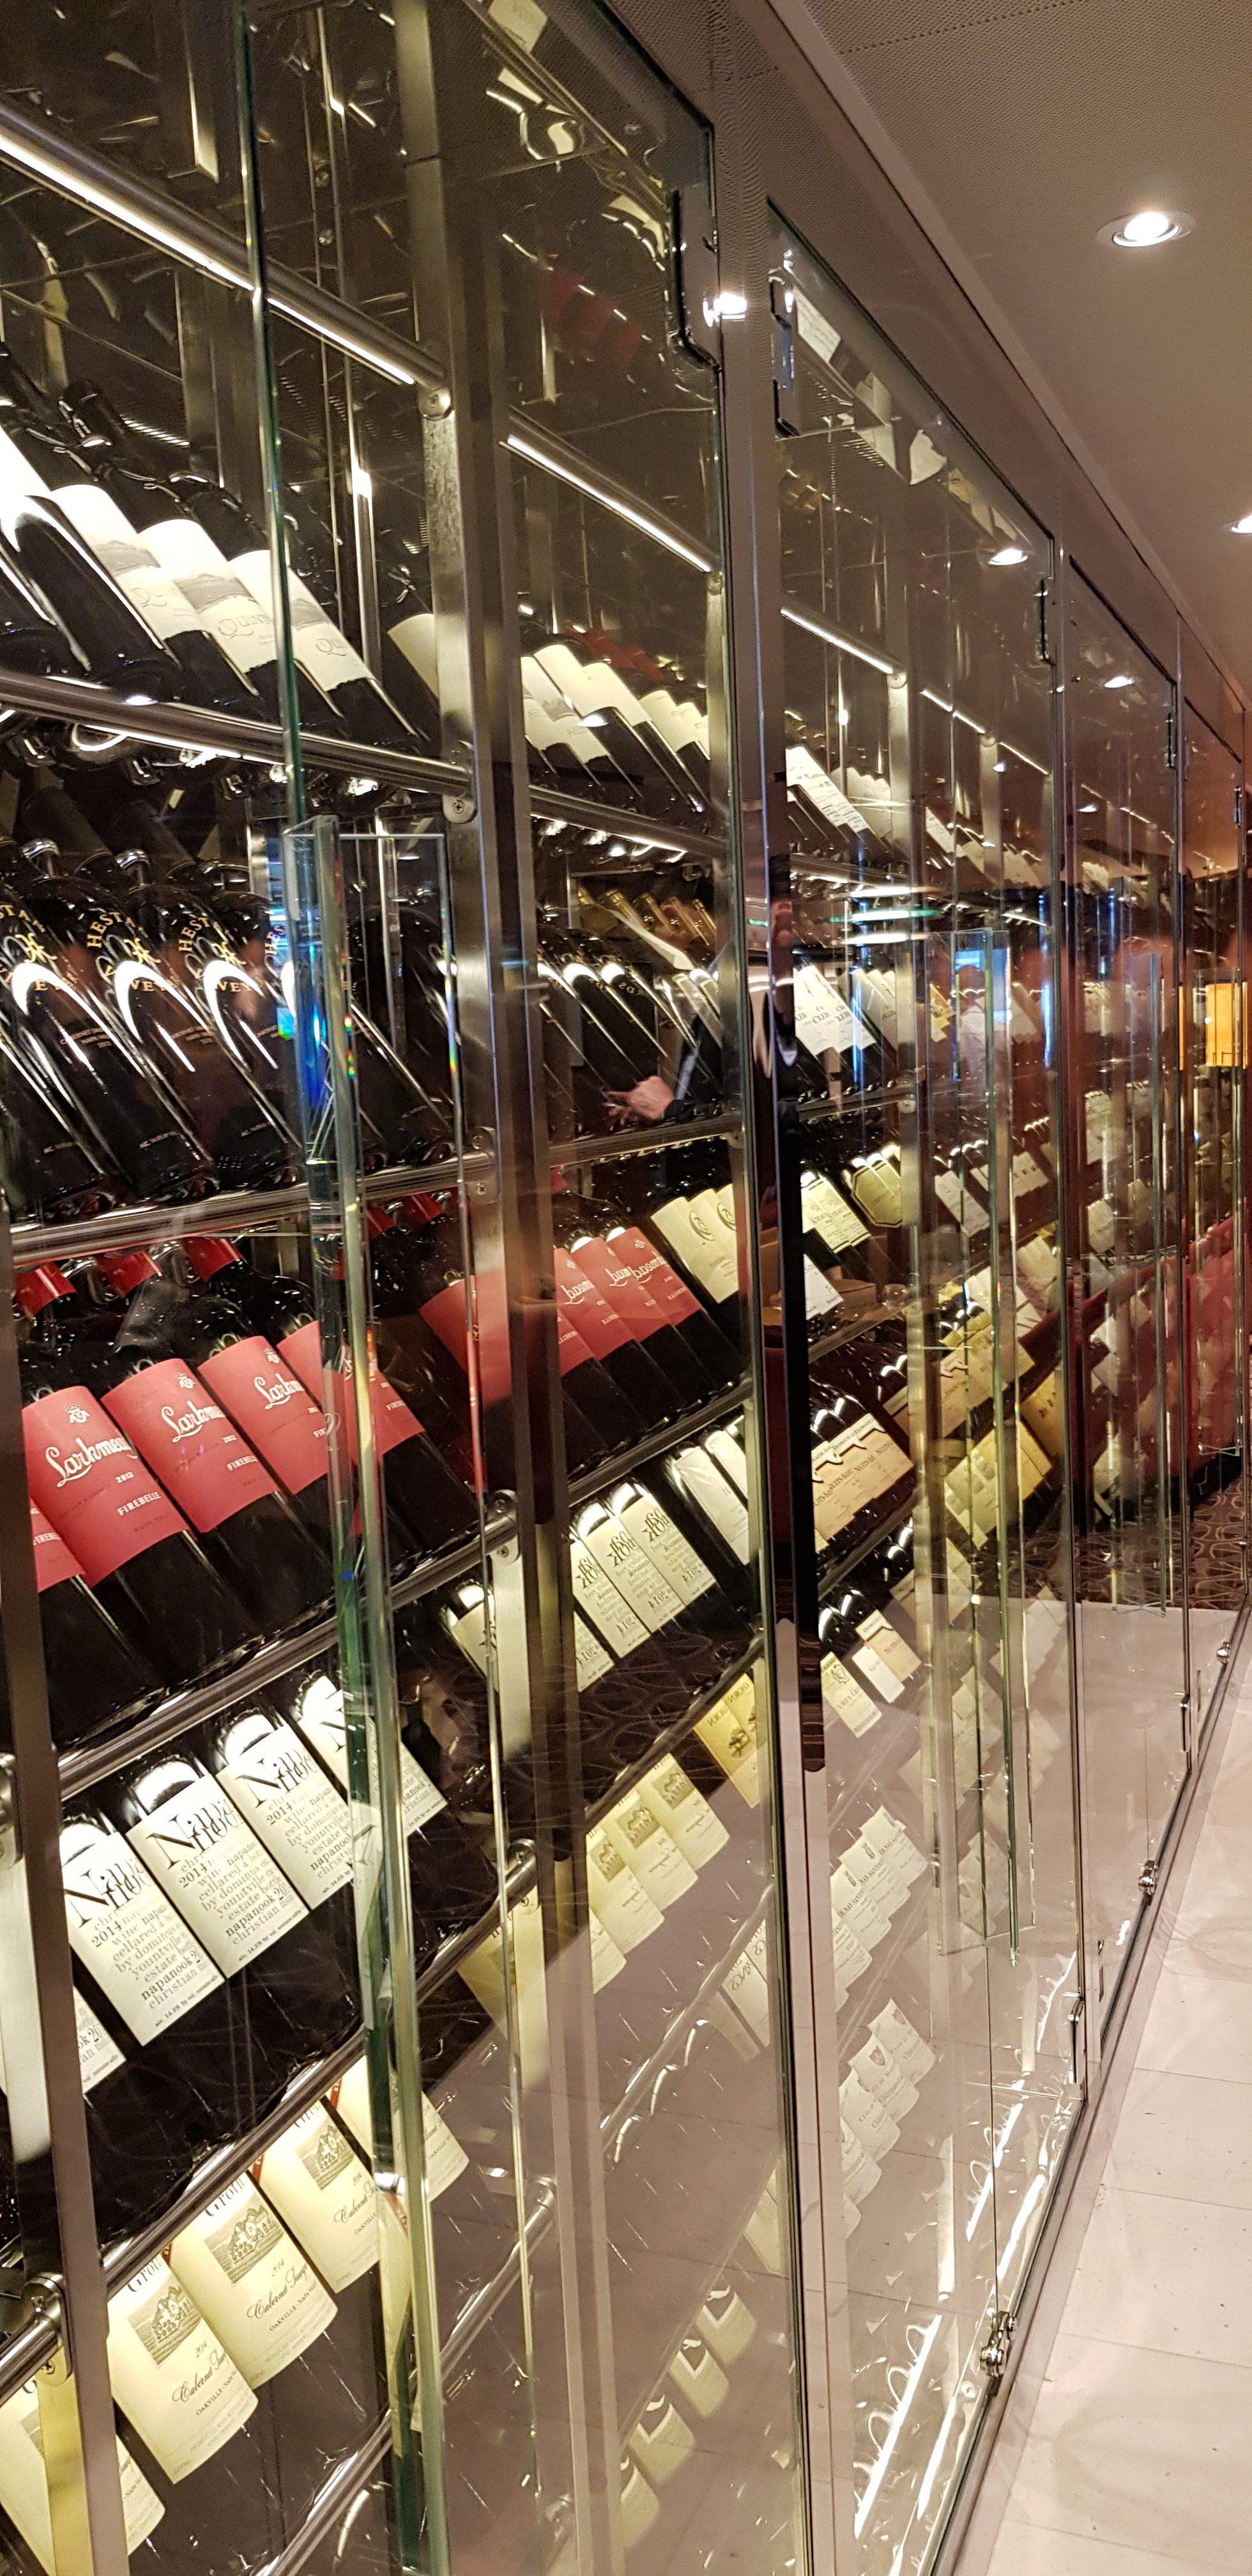 Wein auf der Seabourn Ovation